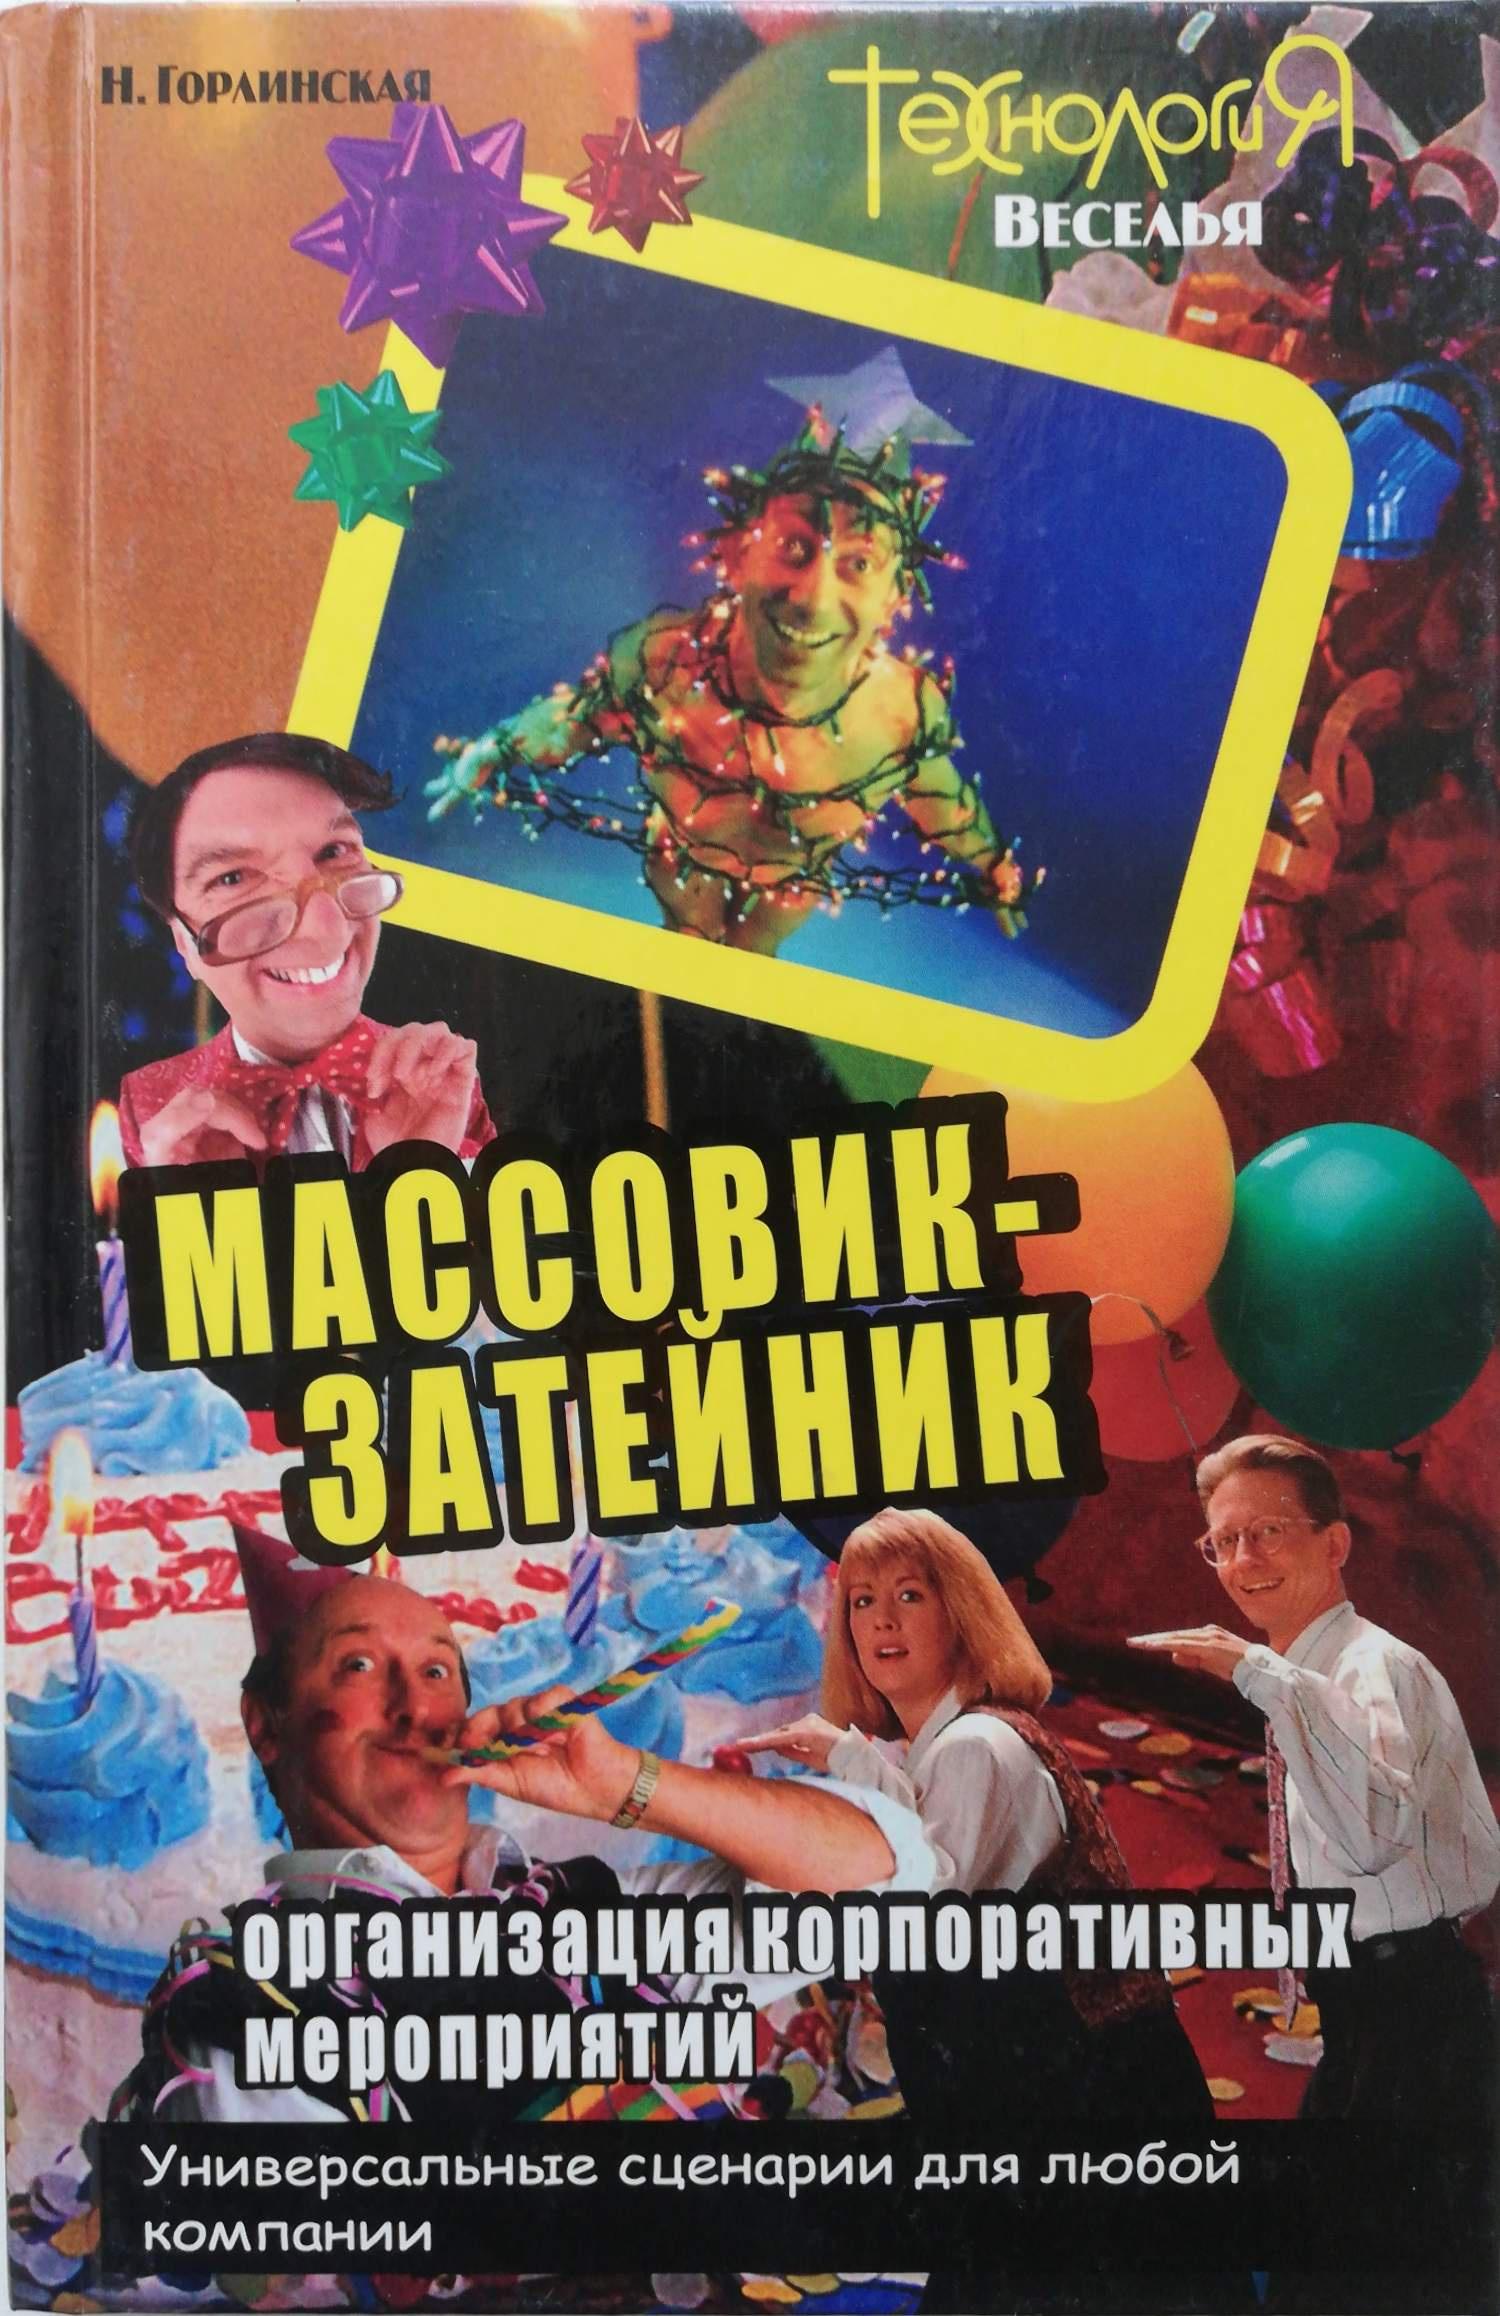 Н.Горлинская Массовик-затейник. Организация корпоративных мероприятий